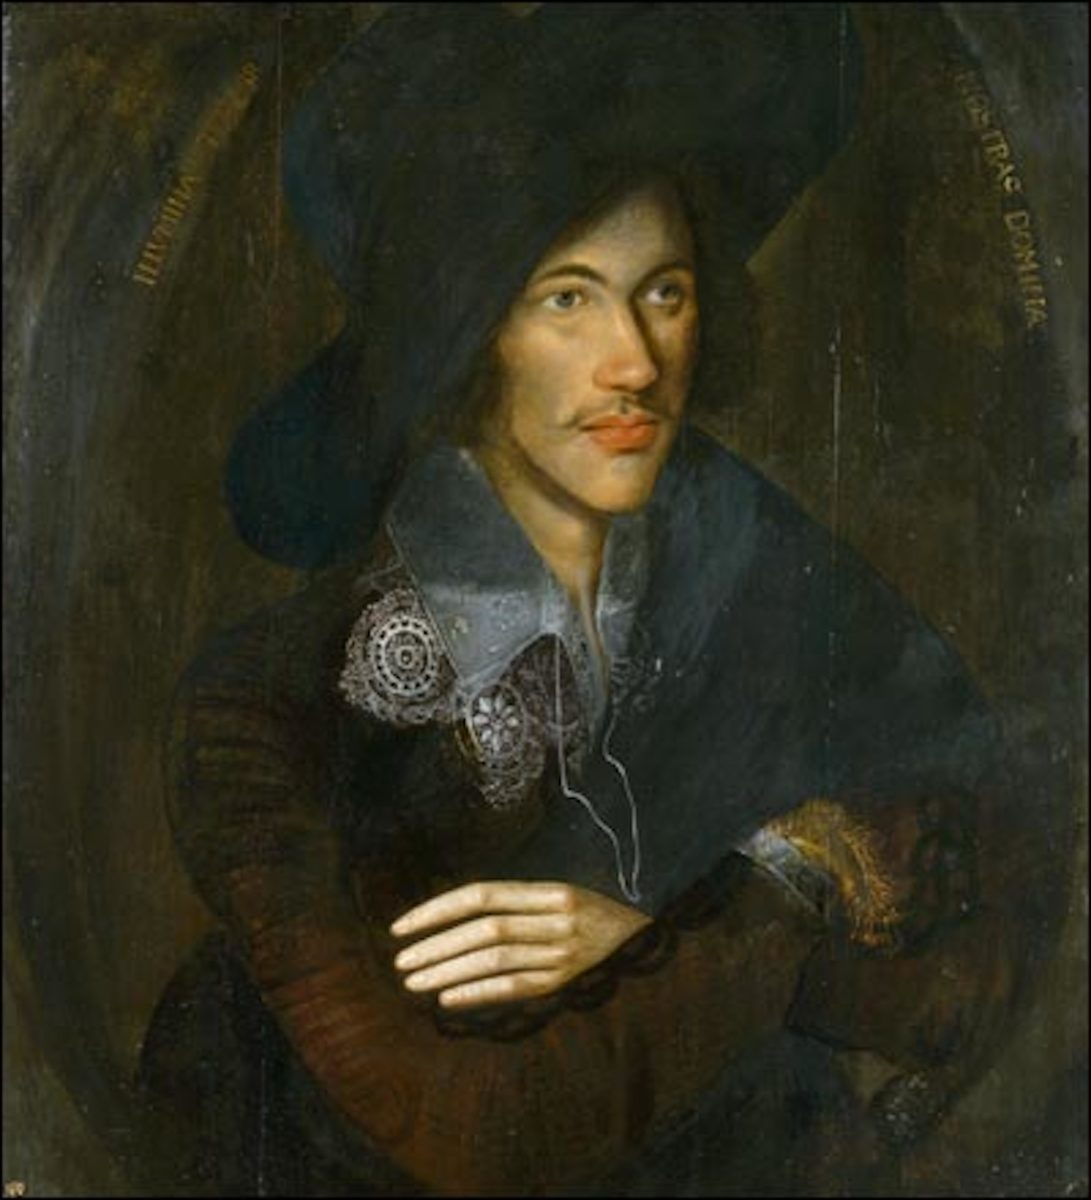 John Donne's Holy Sonnet V